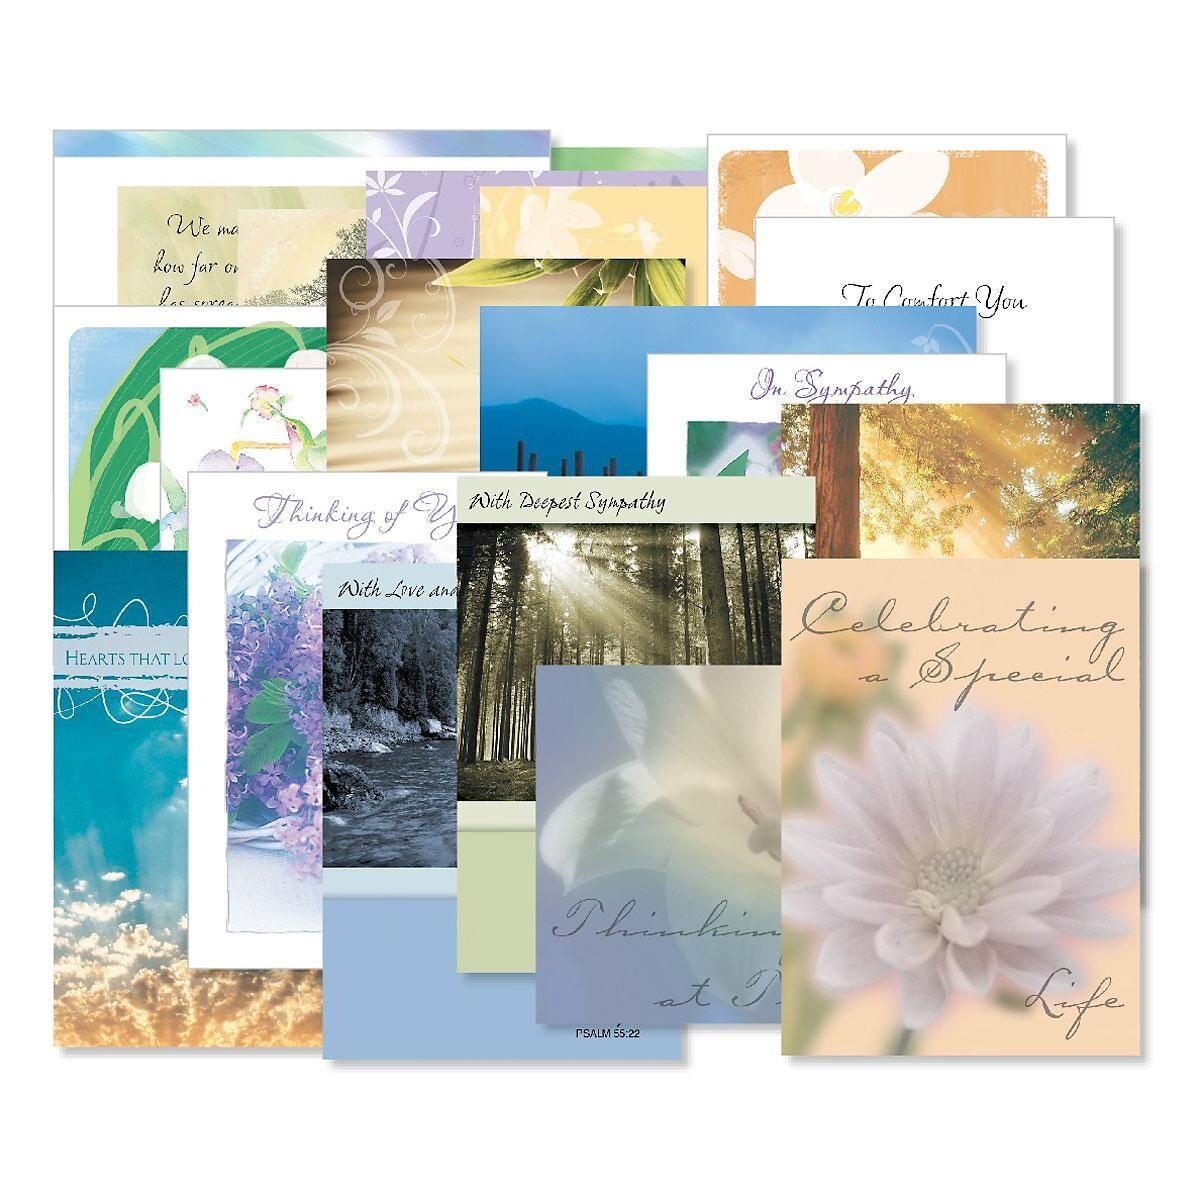 Mega Sympathy Cards Value Pack - Set of 40